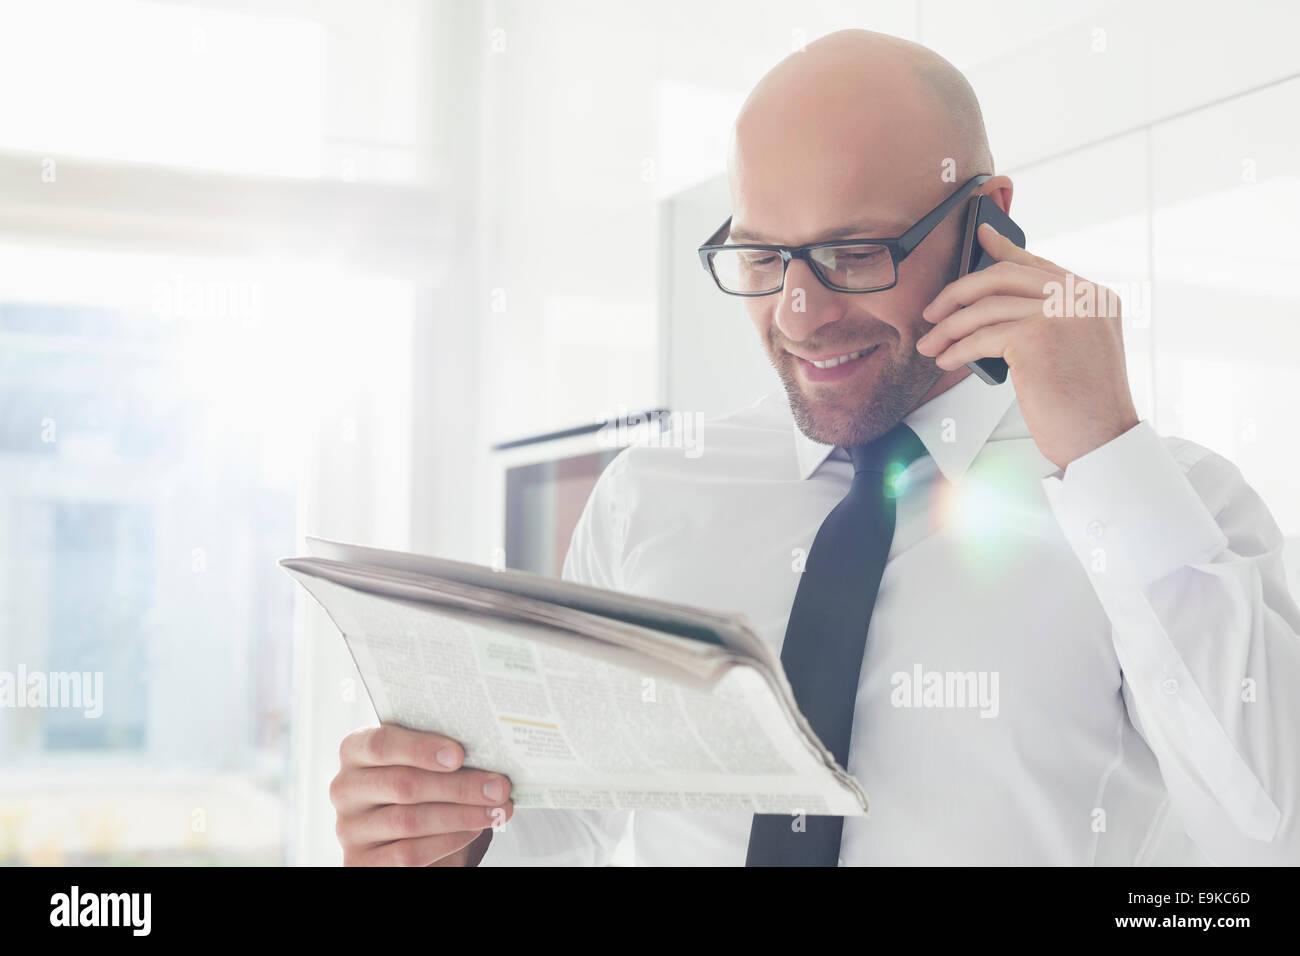 Glücklich Kaufmann auf Abruf beim lesen Zeitung zu Hause Stockbild